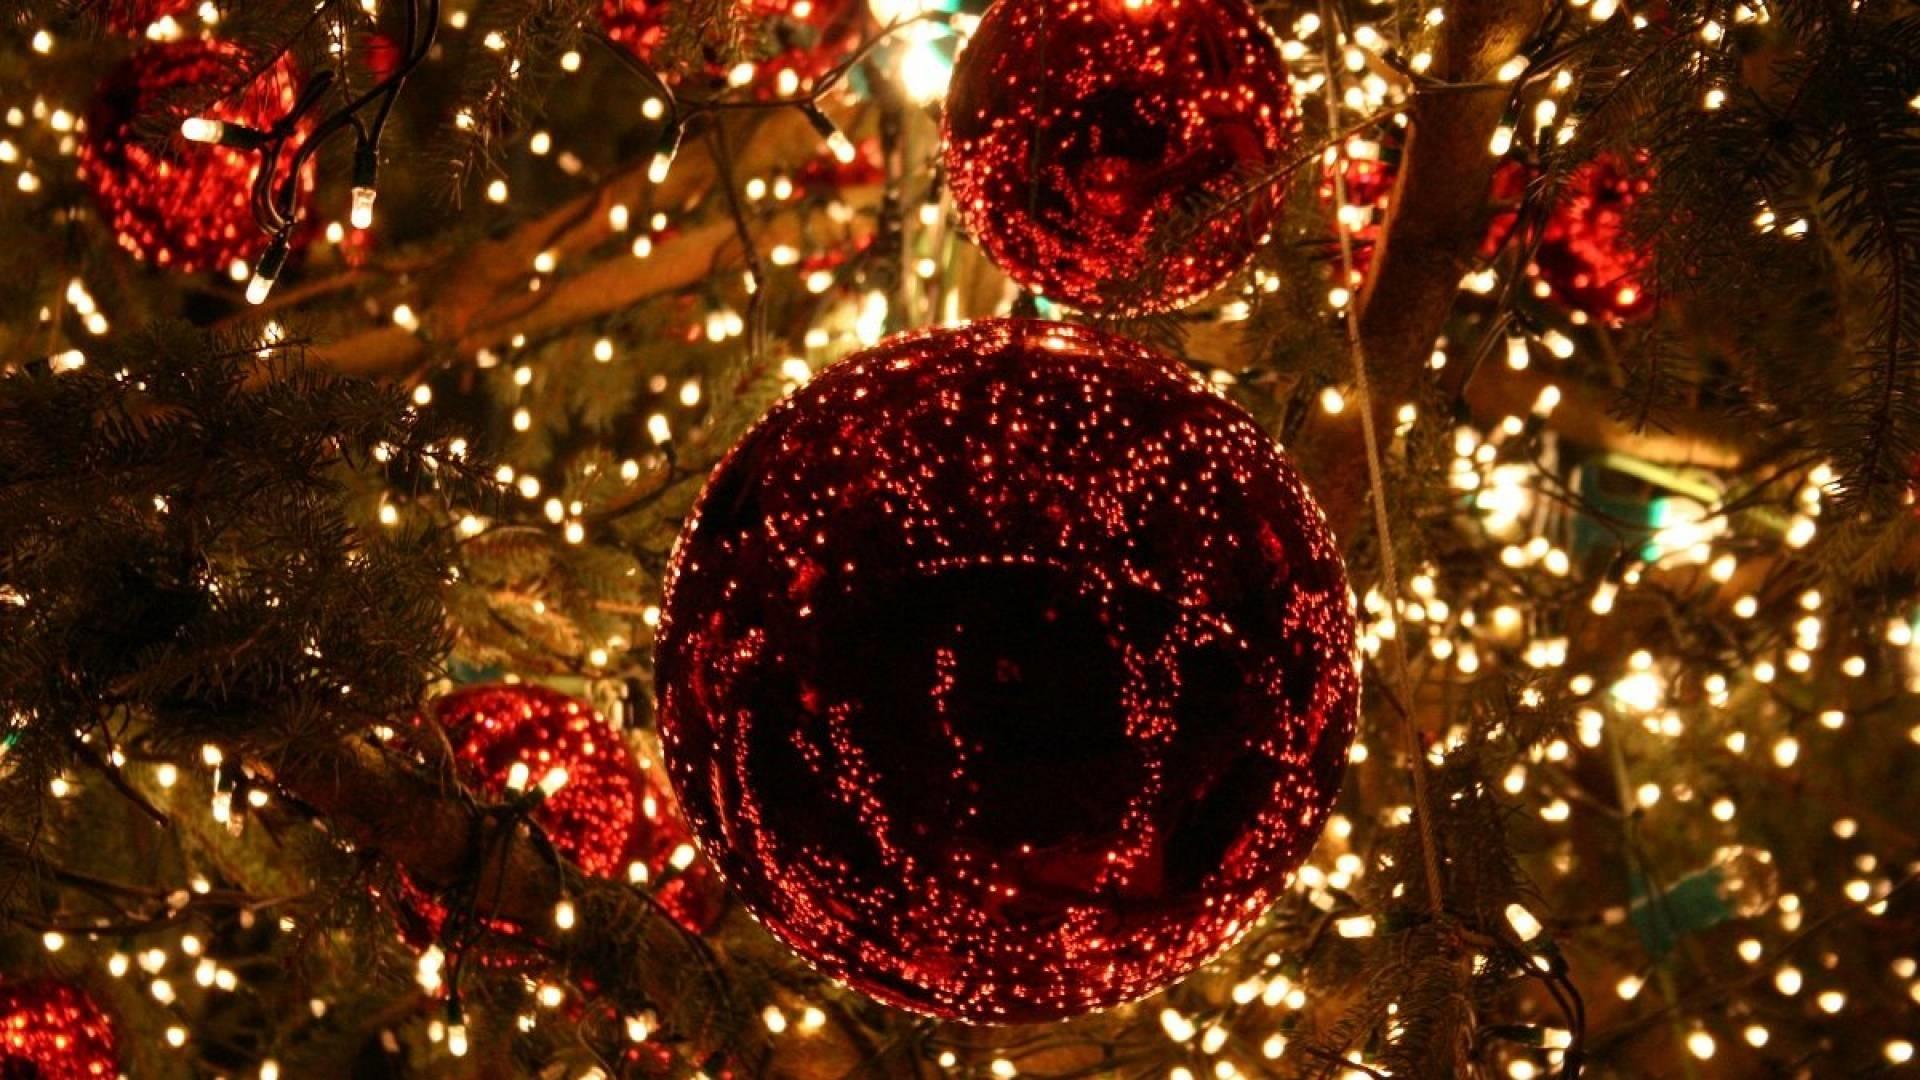 Sfondi Natalizi Bellissimi.Sfondi Di Natale 48 Immagini